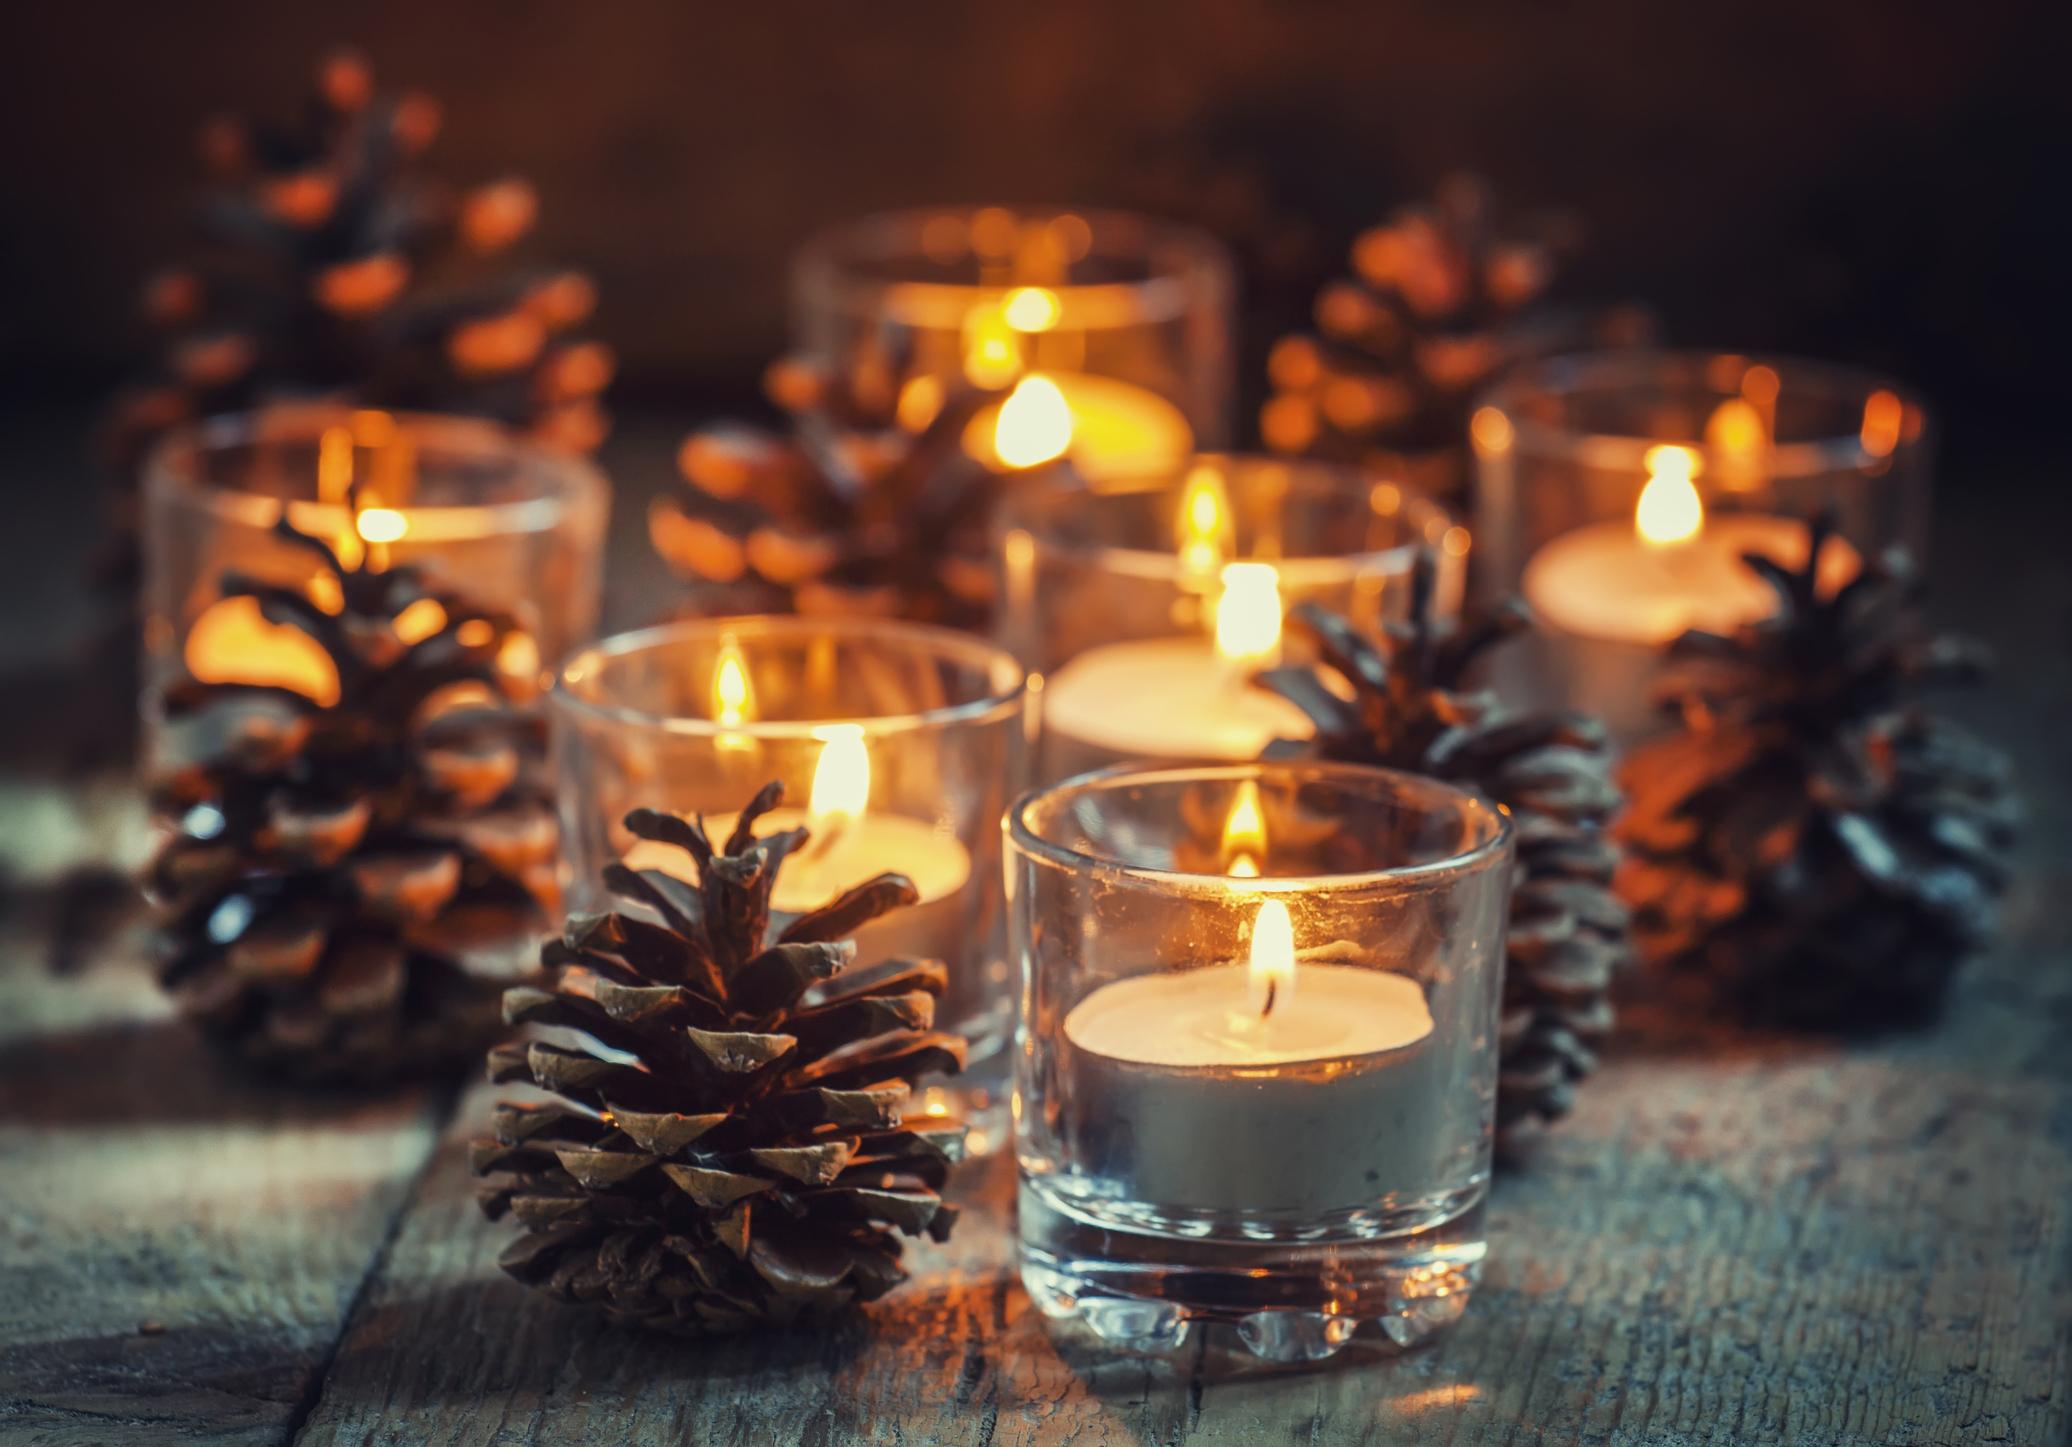 Ha nincs égősor, de mégcsak karácsonyi mécses sem, akkor a sima pohár egy-két erdő széléről szedett tobozzal megspékelve is megteszi!